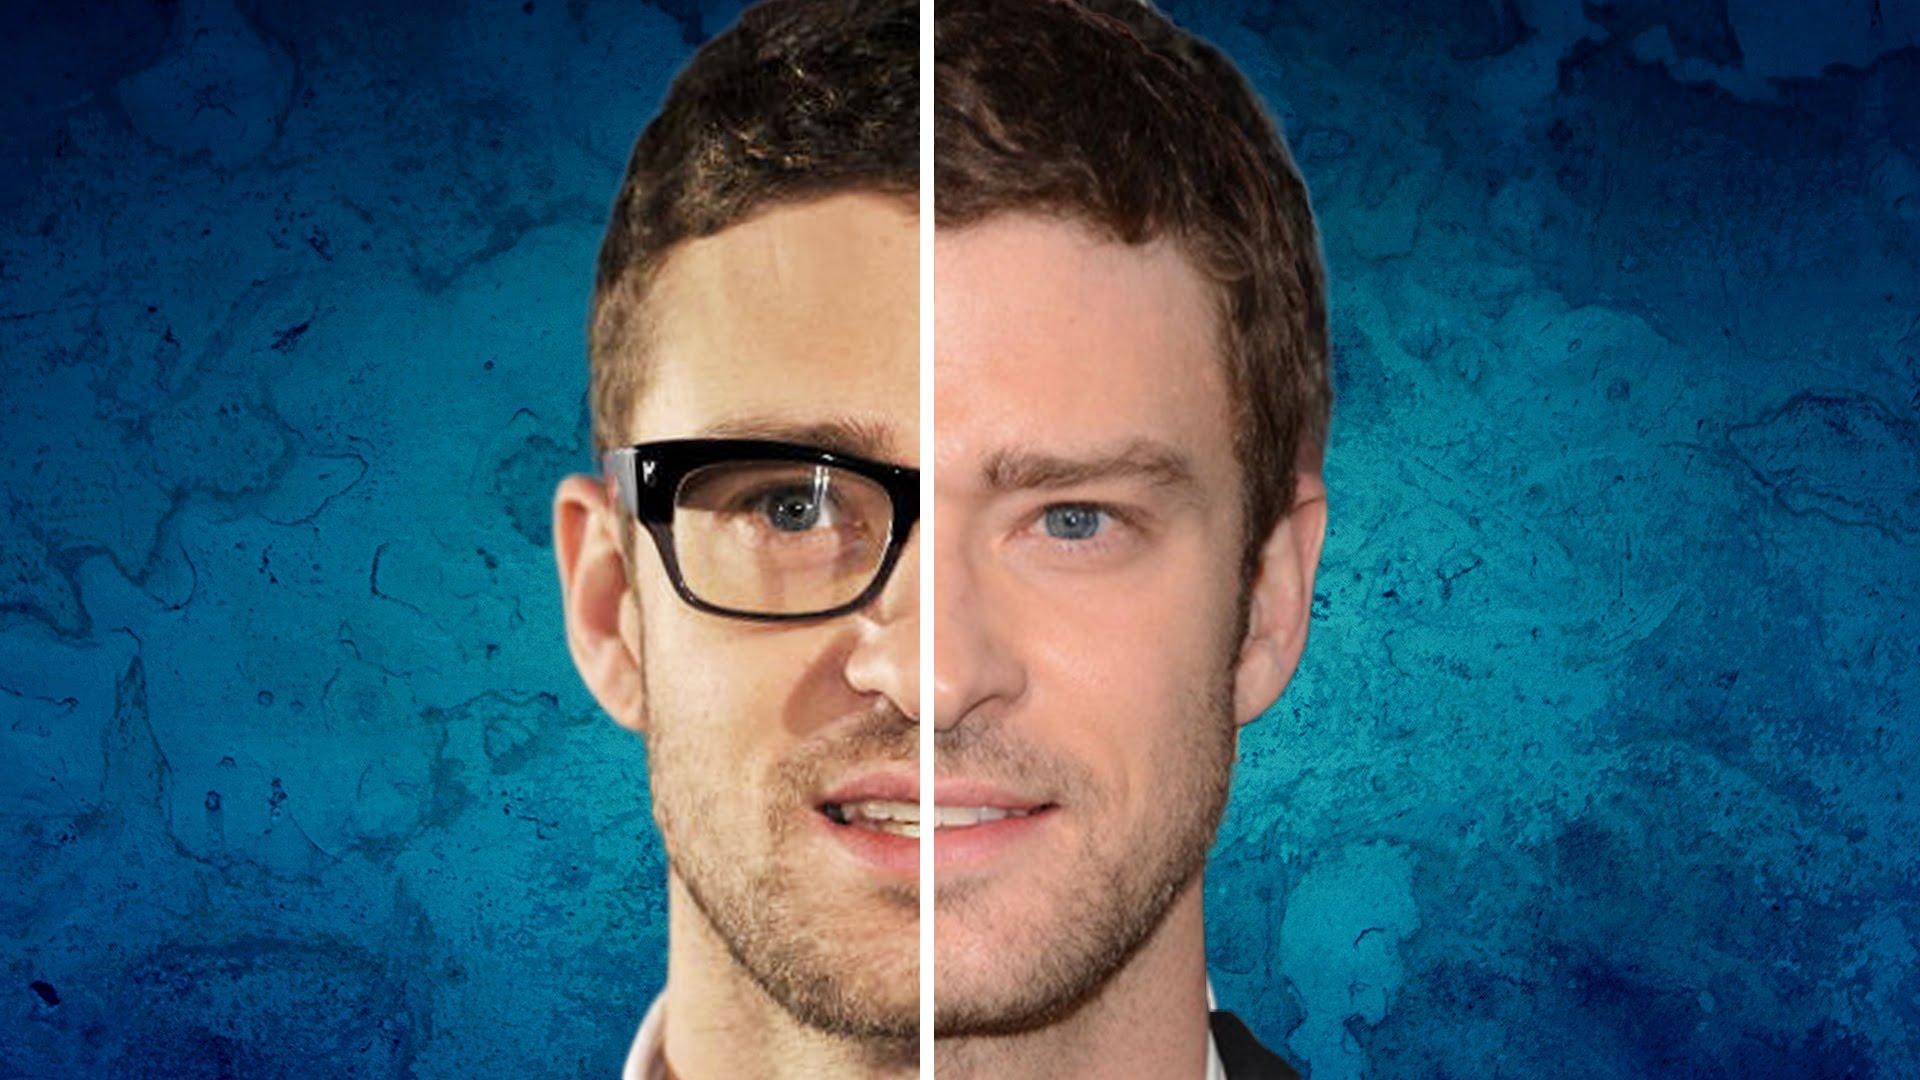 วิธีเลือกแว่นให้เข้ากับใบหน้า